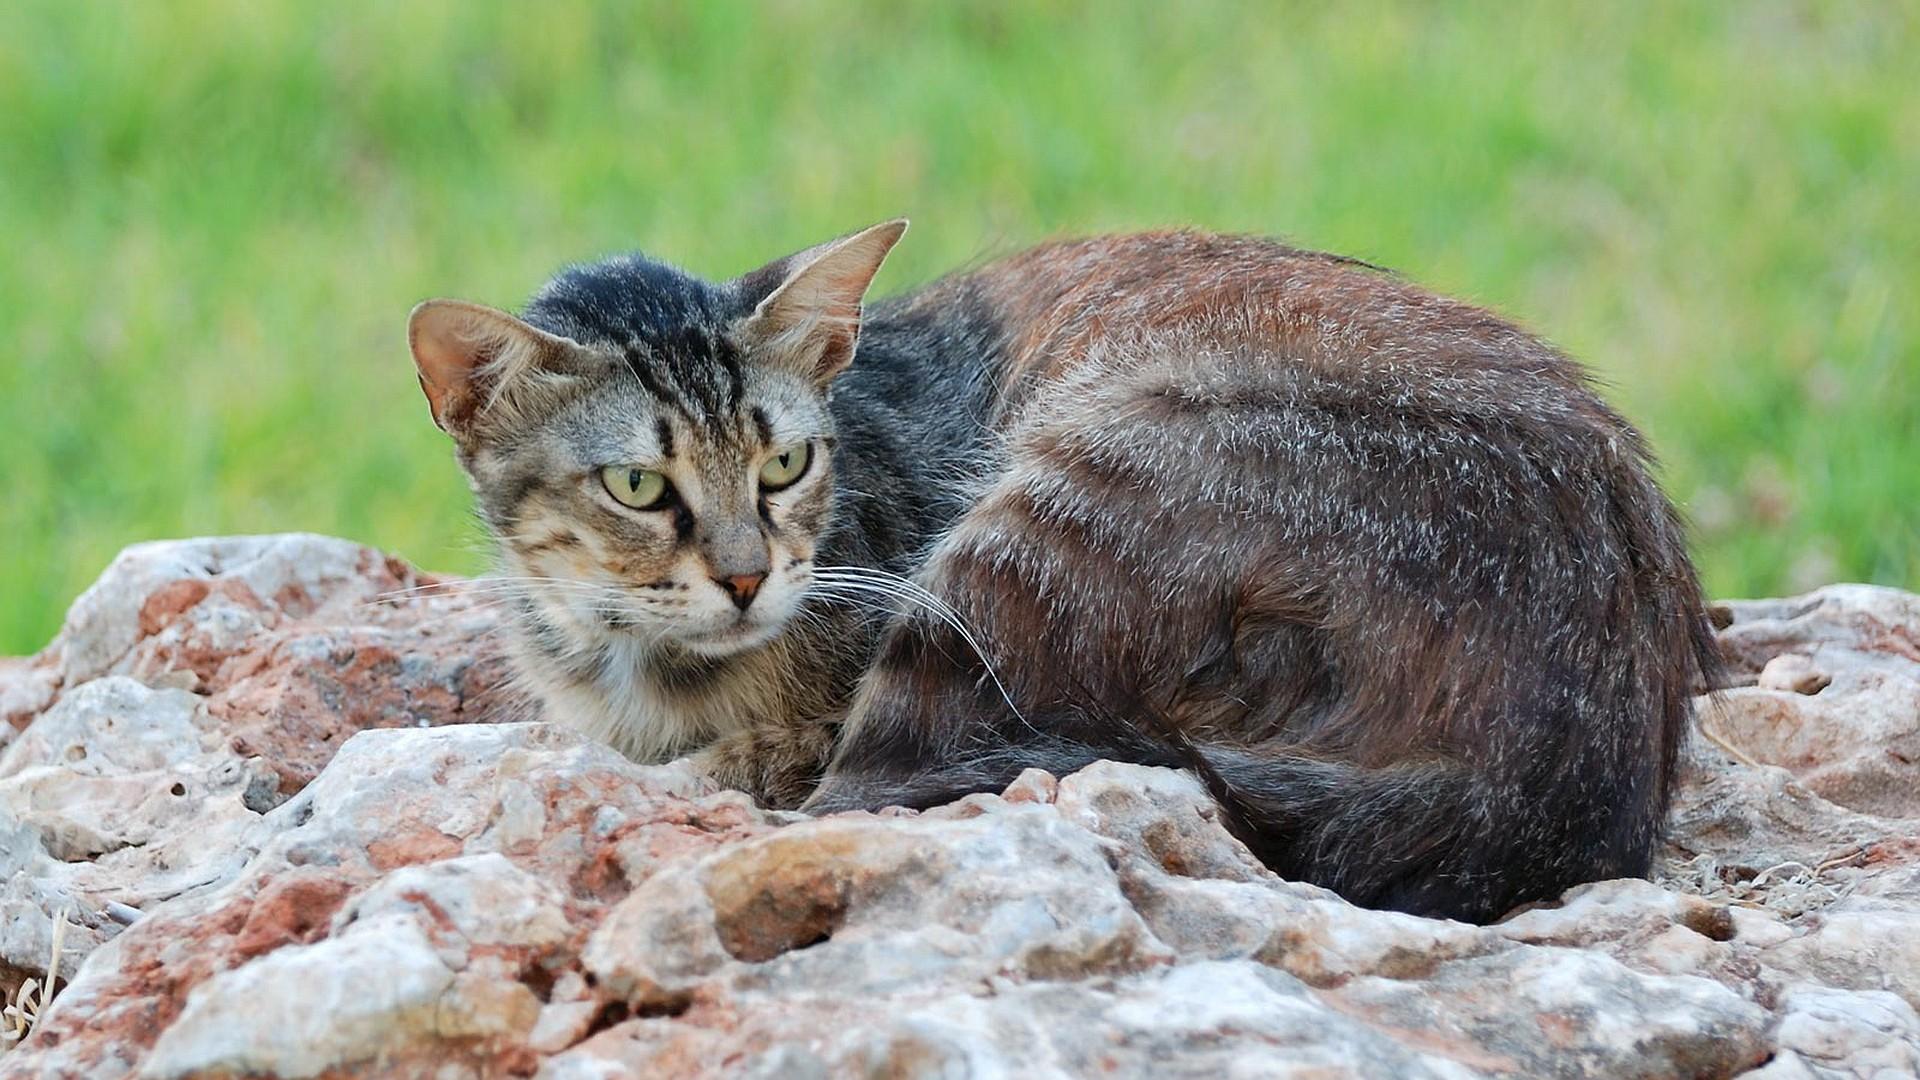 Кот на камушках  № 530428 без смс